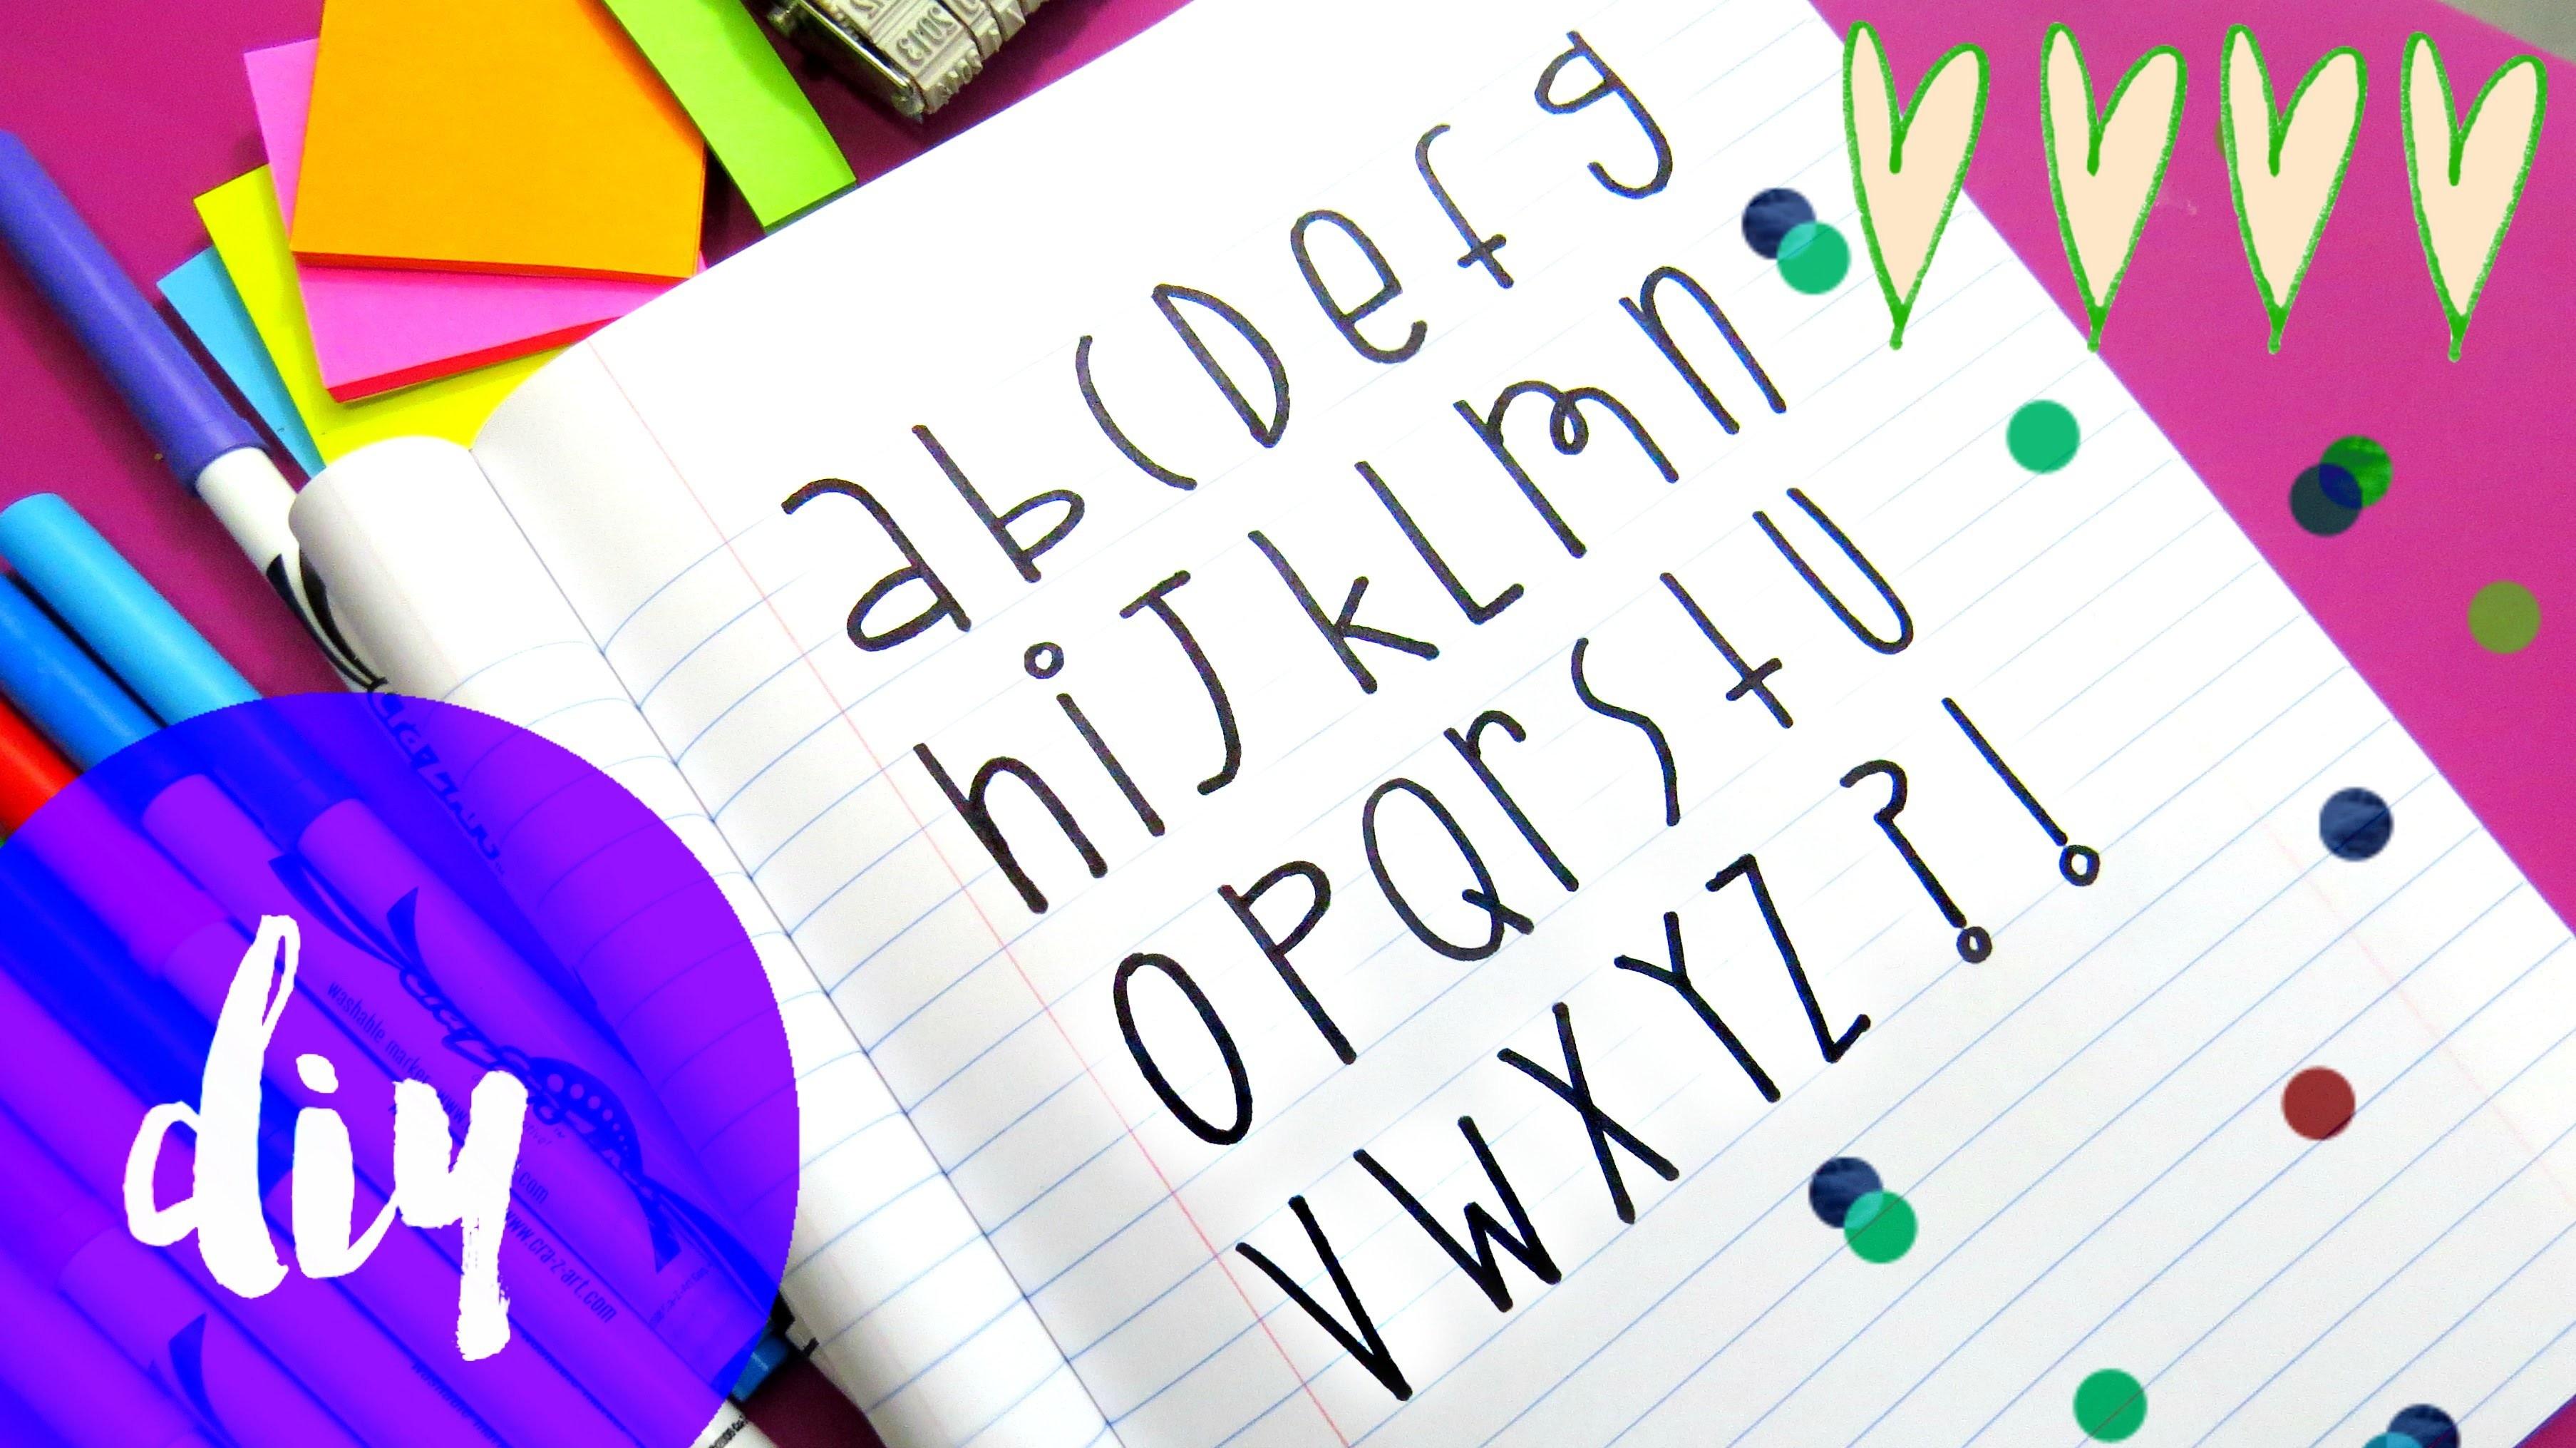 letras bonitas paso a paso 3